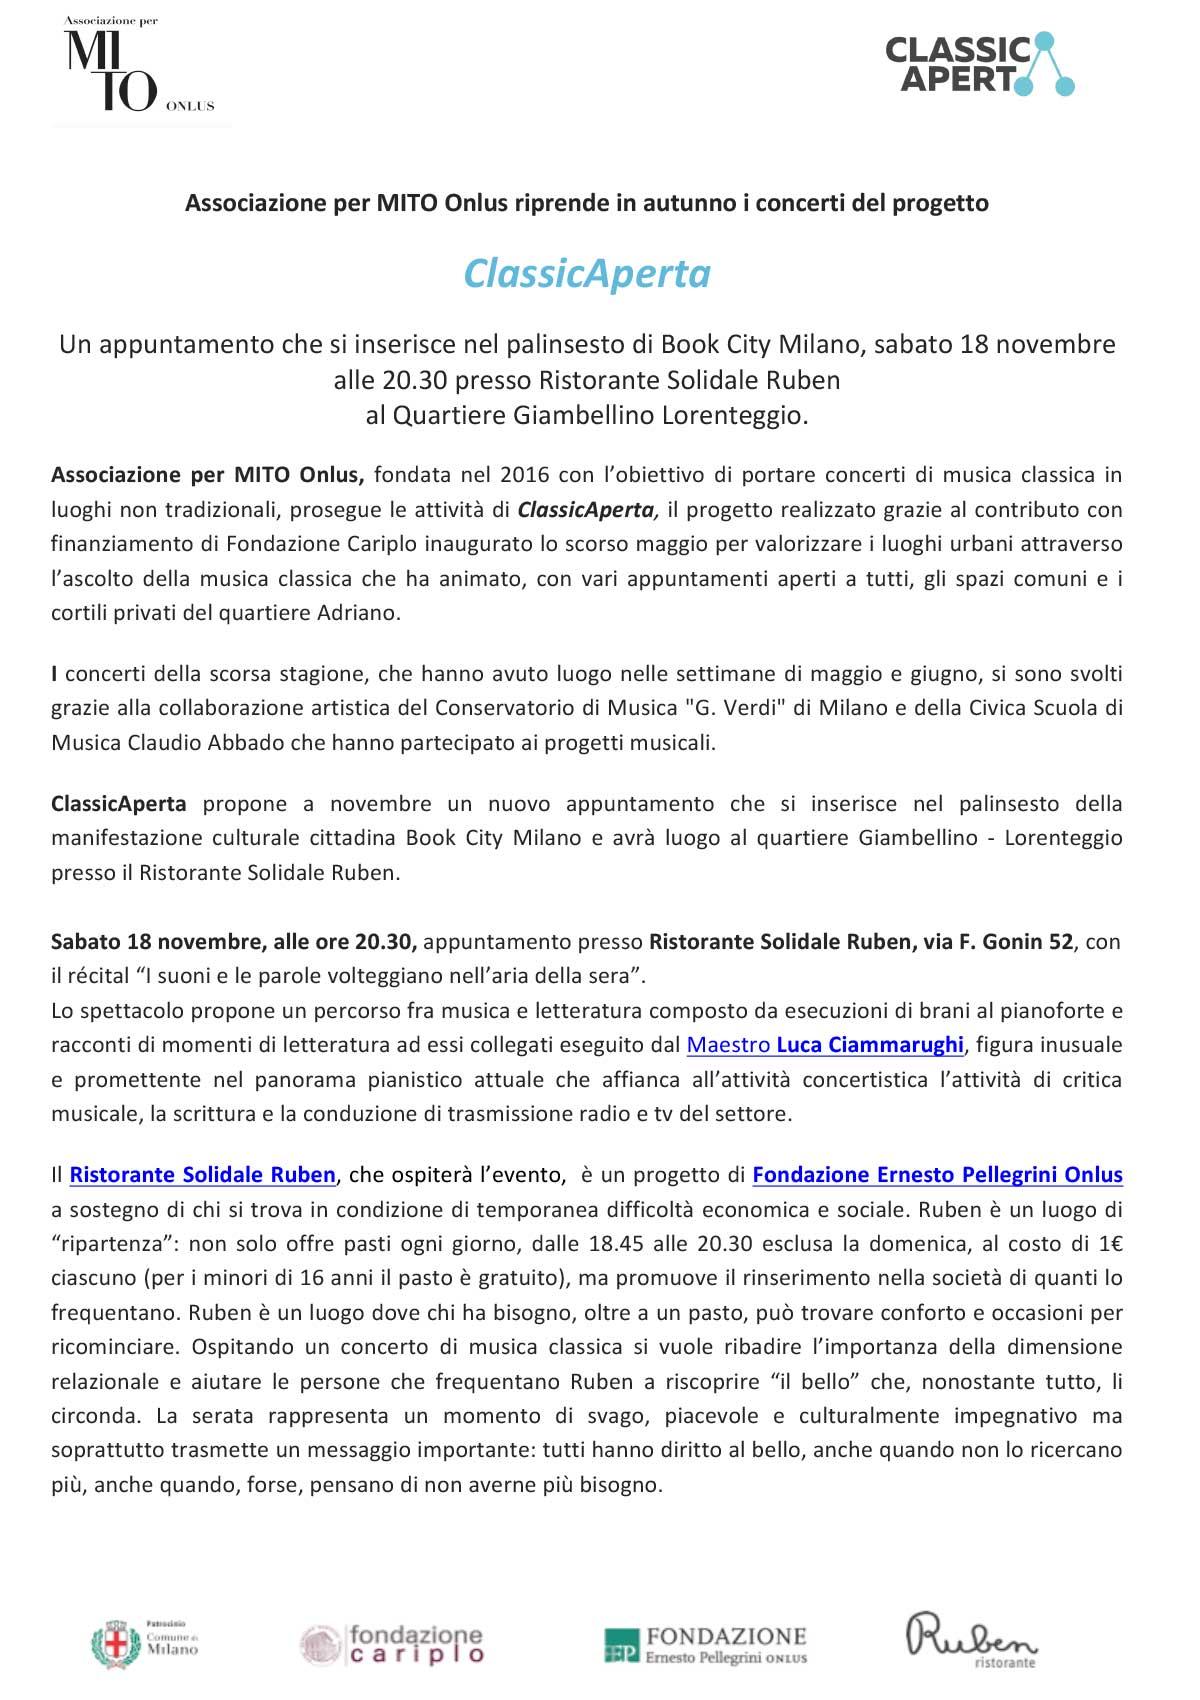 CS_6-maggio-ClassicAperta-Ciammarughi-Ruben-1200x1700